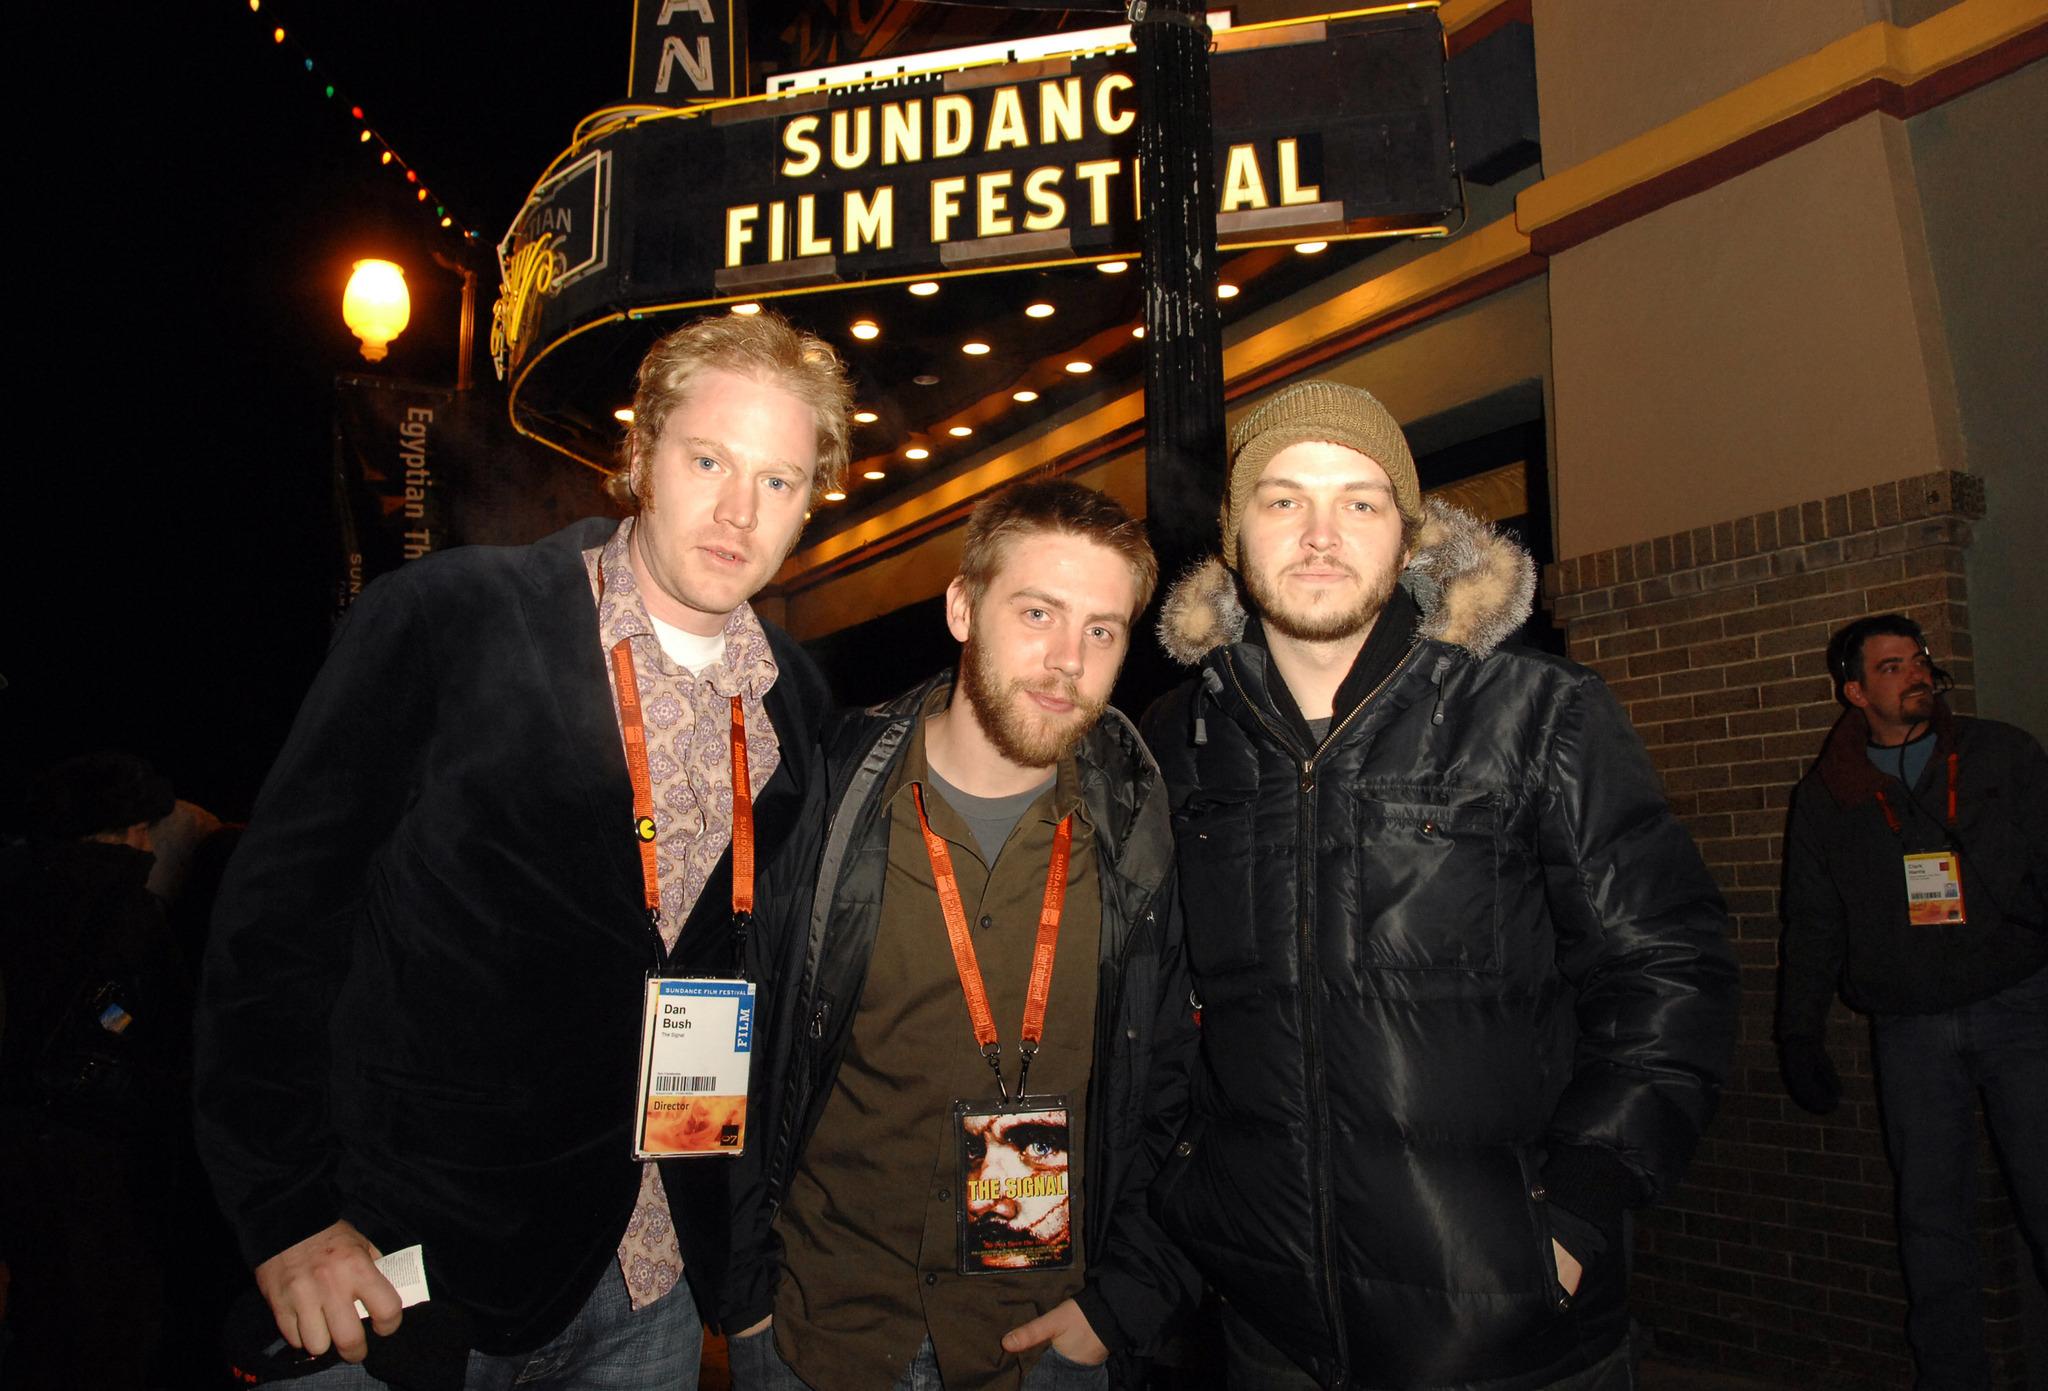 Dan Bush, Jacob Gentry, and David Bruckner